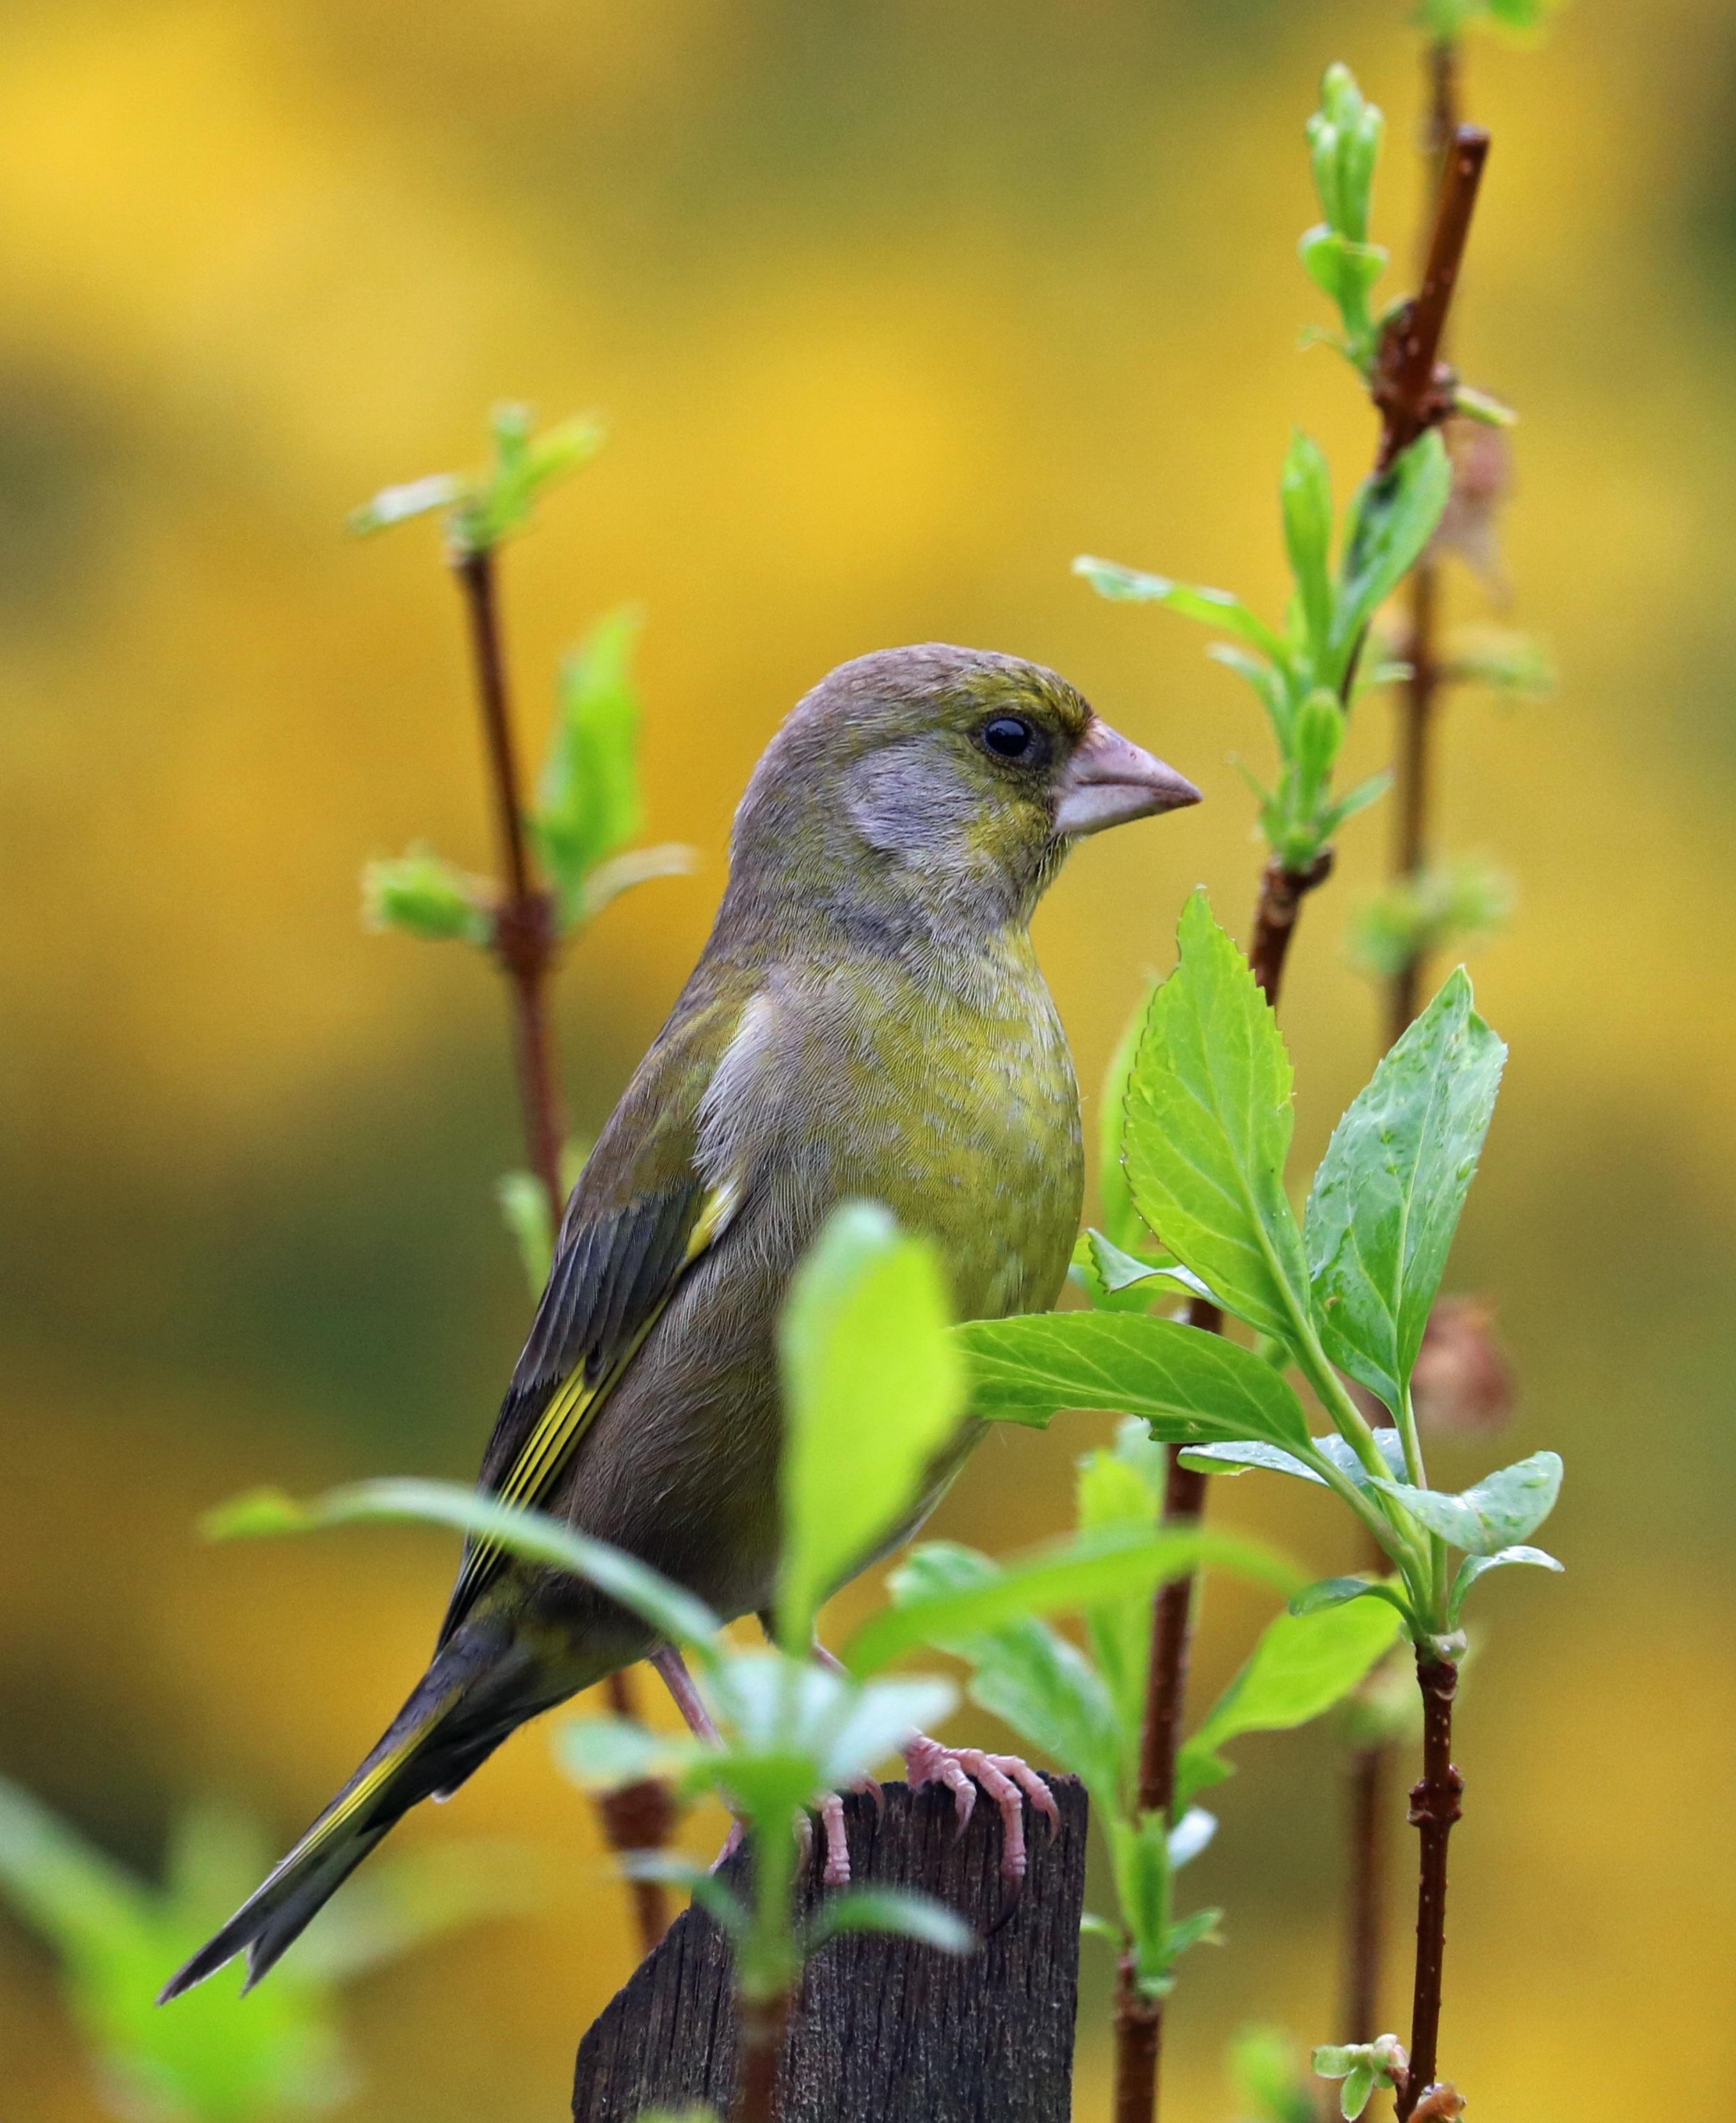 Gratuites la nature branche oiseau fleur faune le